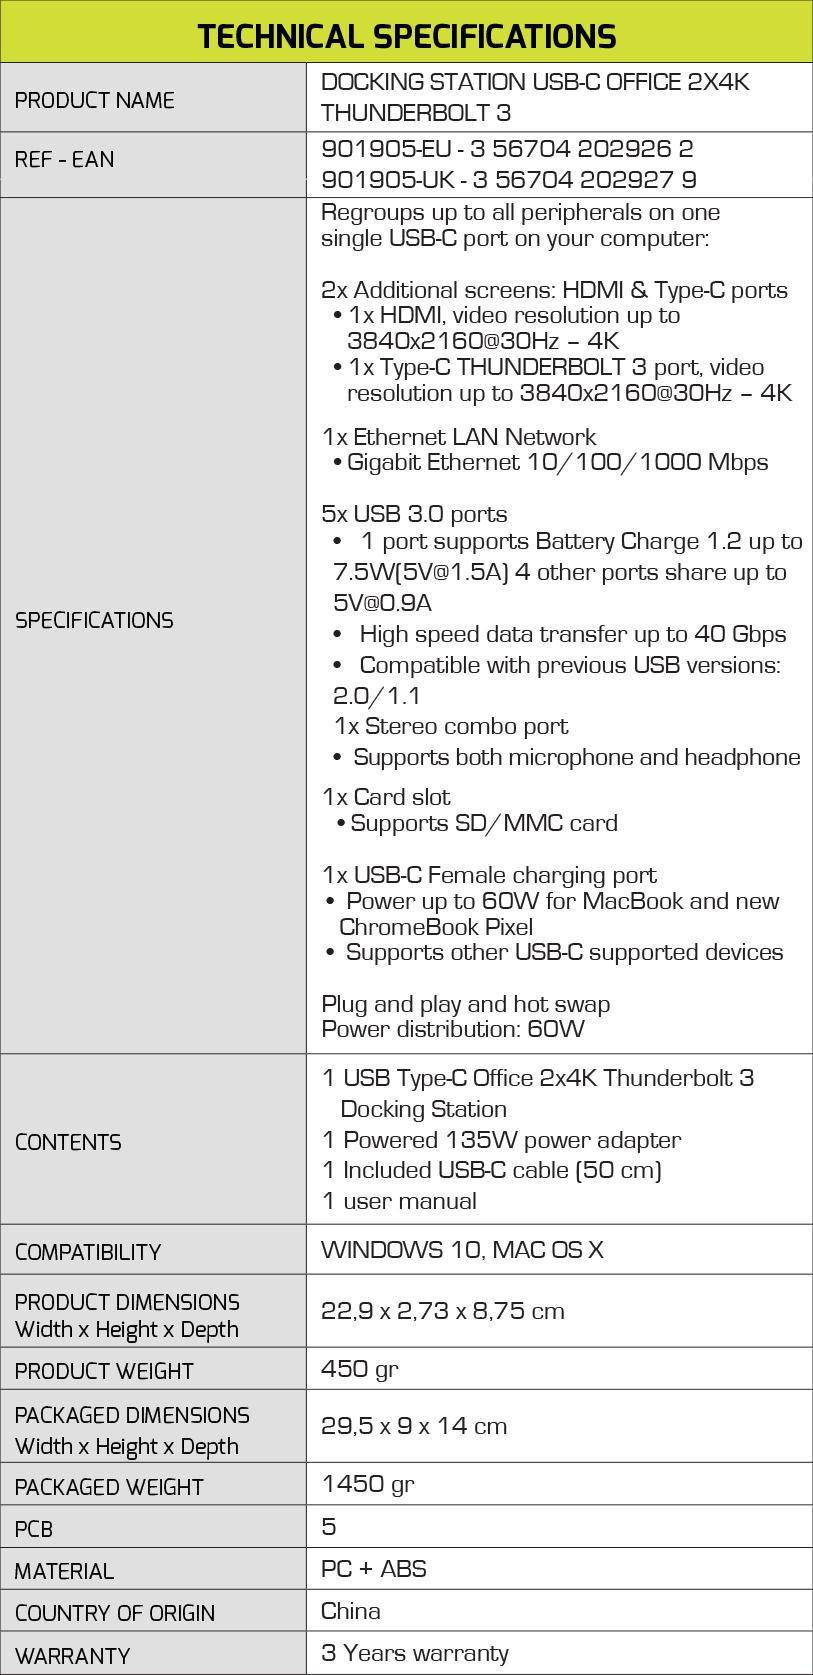 DOCKING THUNDERBOLT 3 - OFFICE 2 X 4K - Port Designs